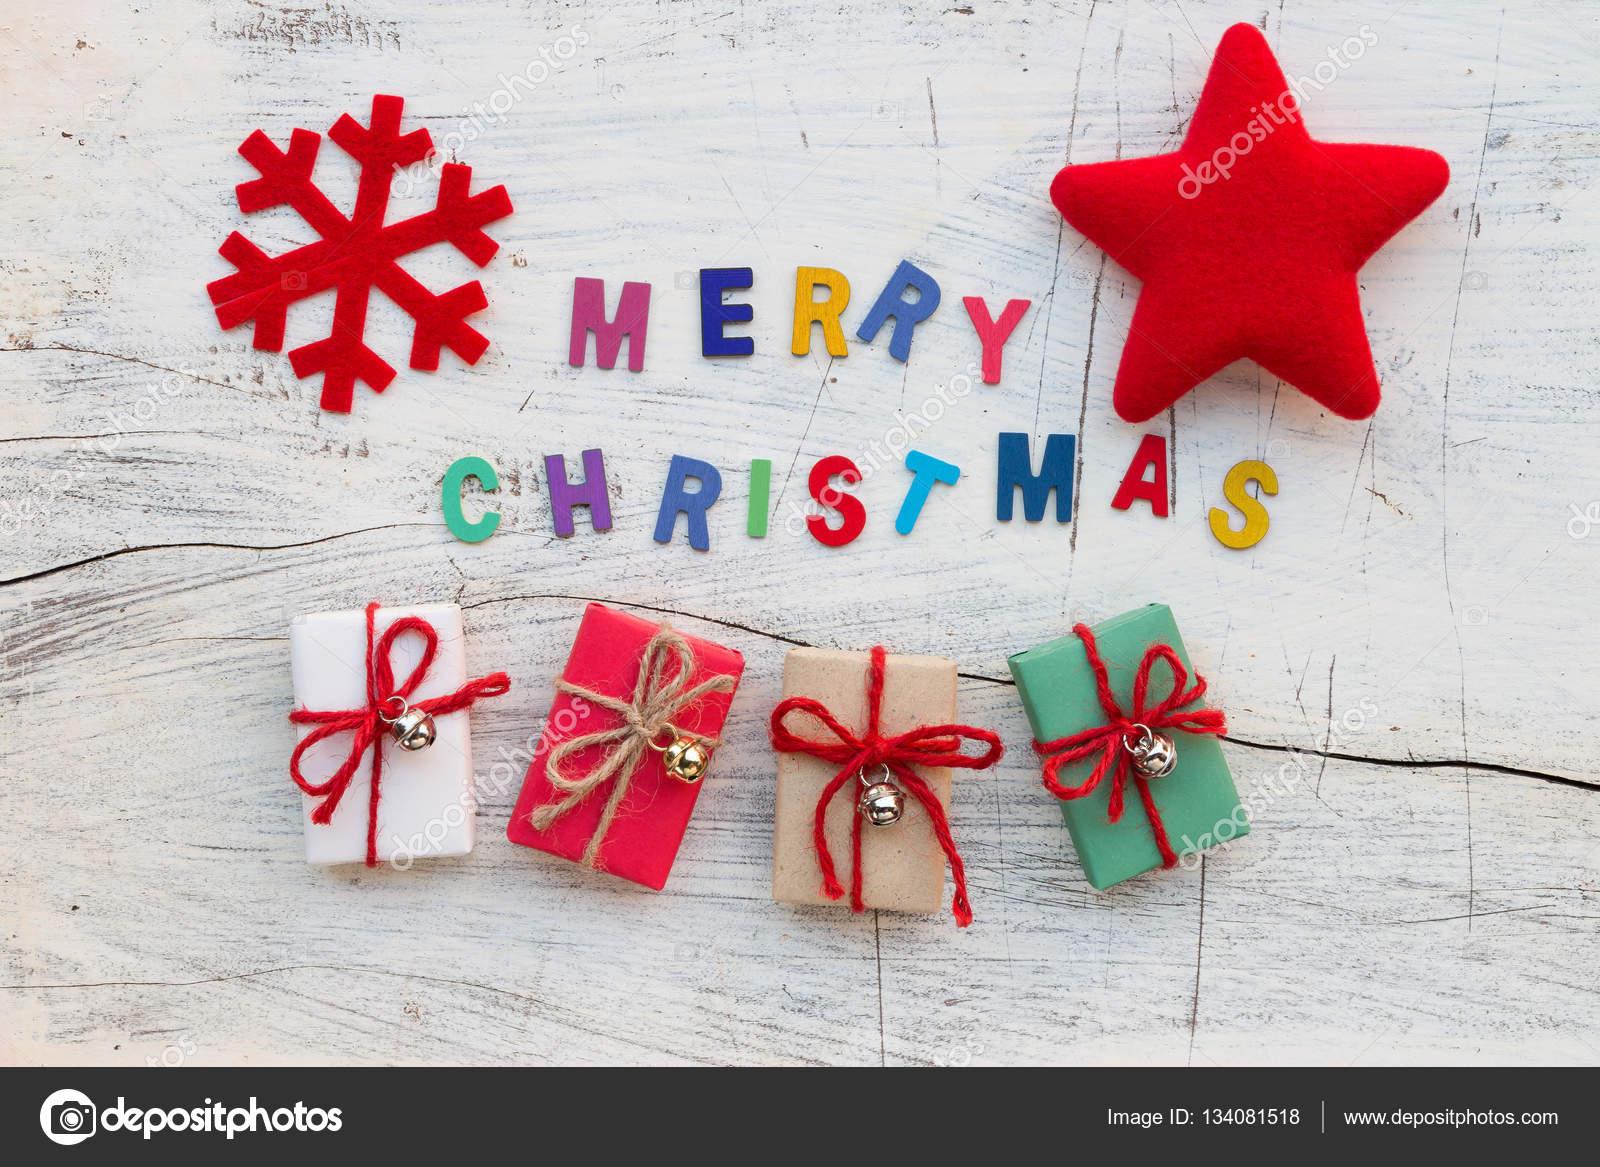 Merry Chritsmas\